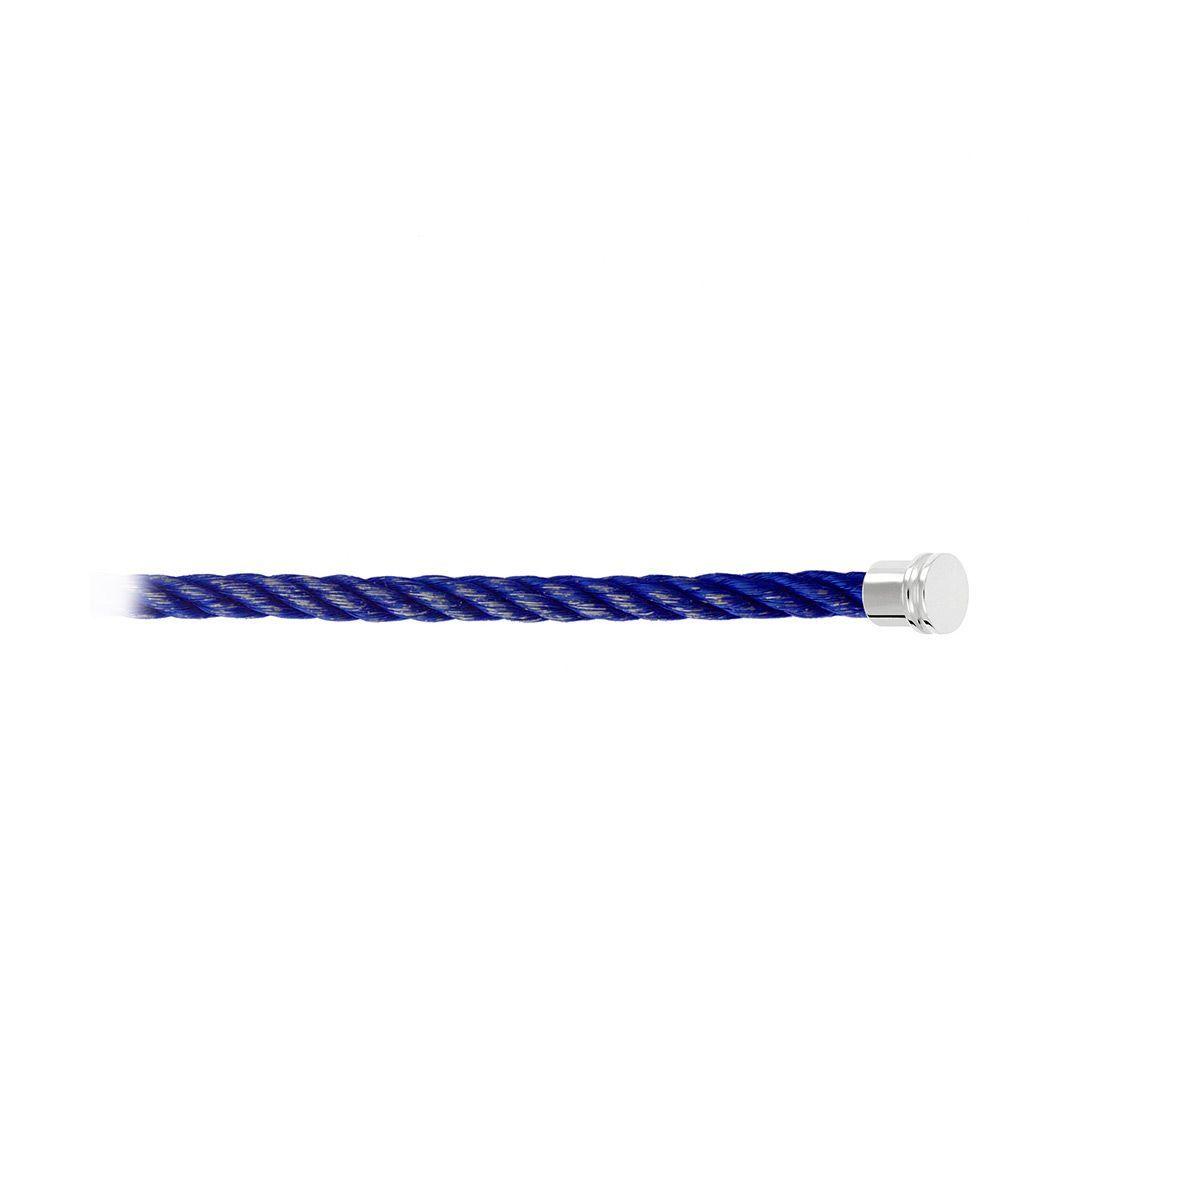 Câble moyen modèle pour bracelet FRED Force 10 bleu en Acier avec embouts acier vue 2